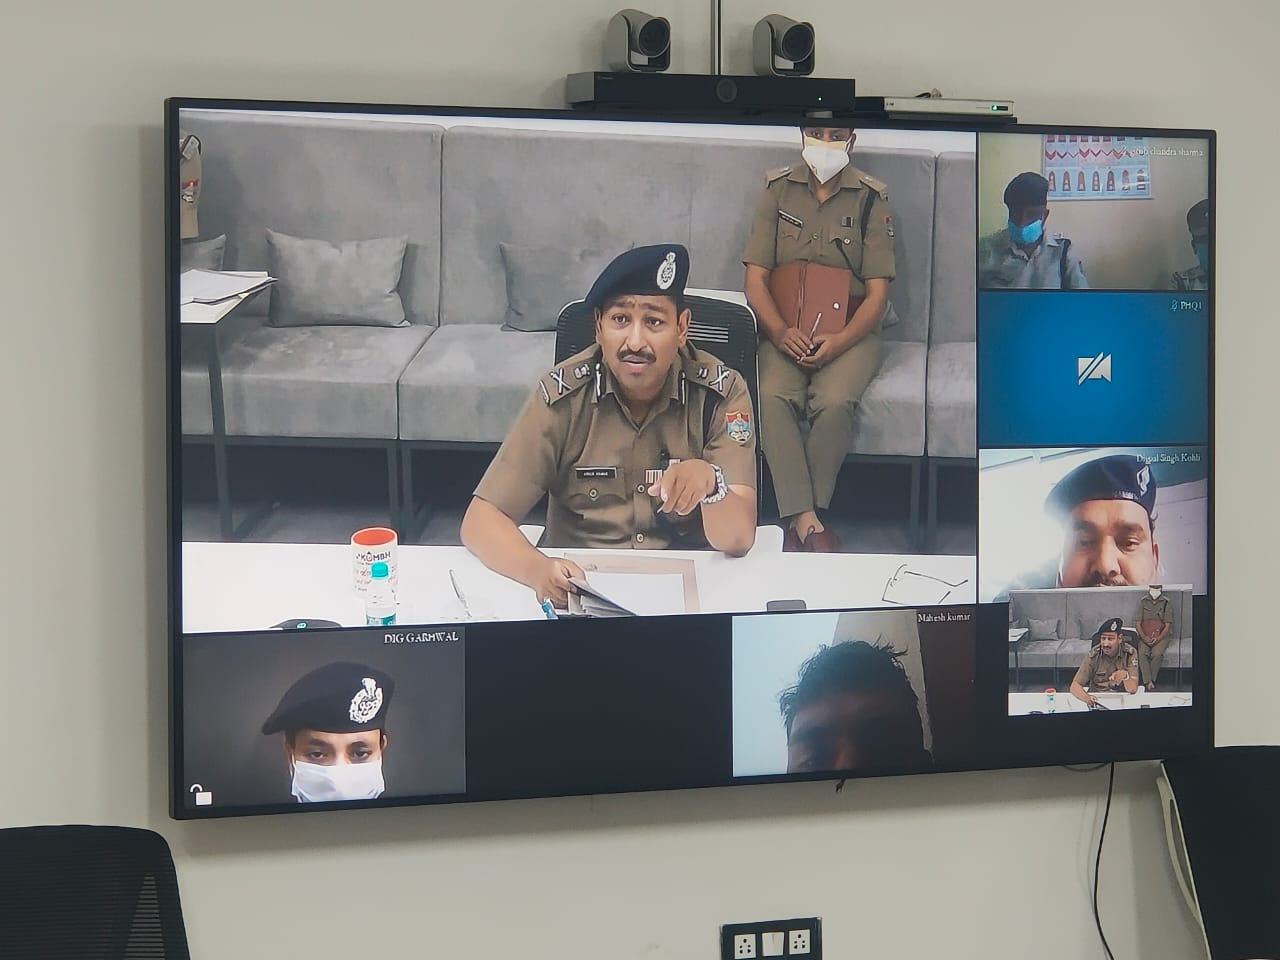 उत्तराखंड पुलिस महानिदेशन ने वीडियो कान्फ्रेसिंग के माध्यम से सुनी विभिन्न जनपदों की शिकायतकर्ताओं क